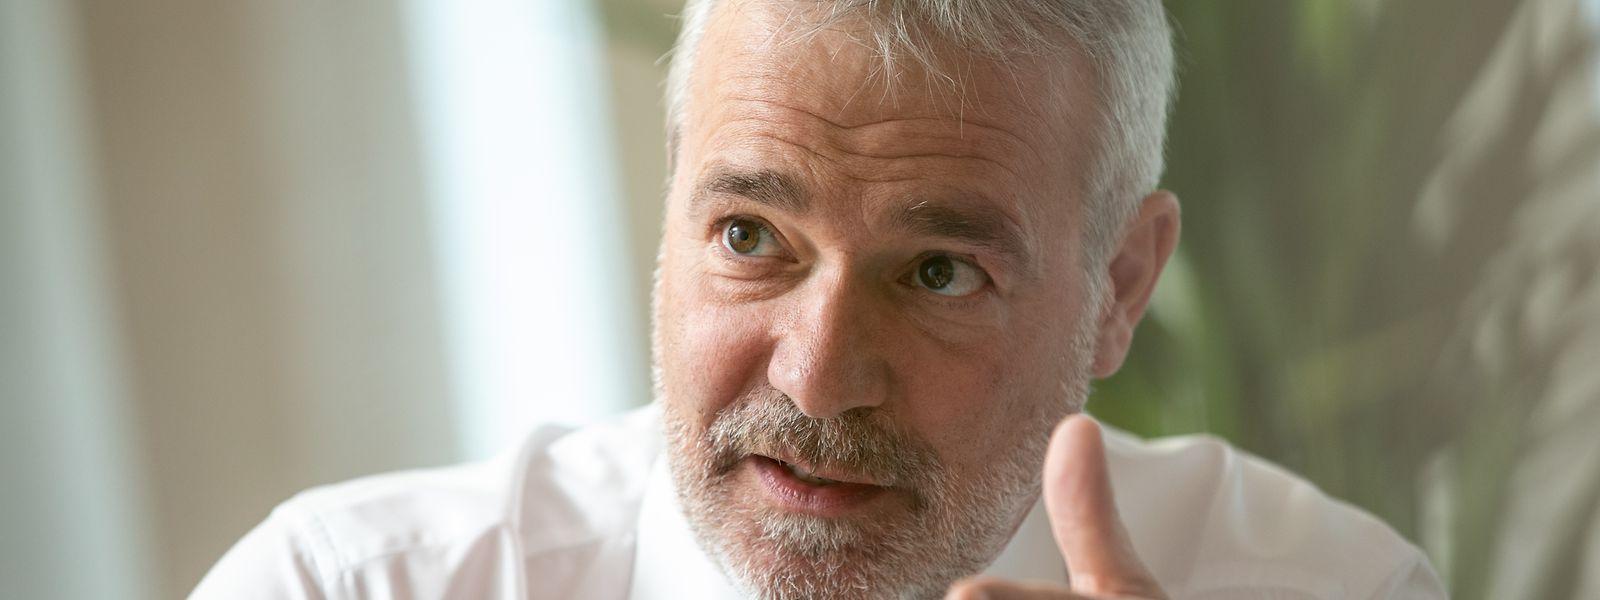 Arbeitsminister Dan Kersch befürchtet, dass die Erfolge der Adem-Reform durch die europäische Reform des Arbeitslosengeldes zunichte gemacht werden.